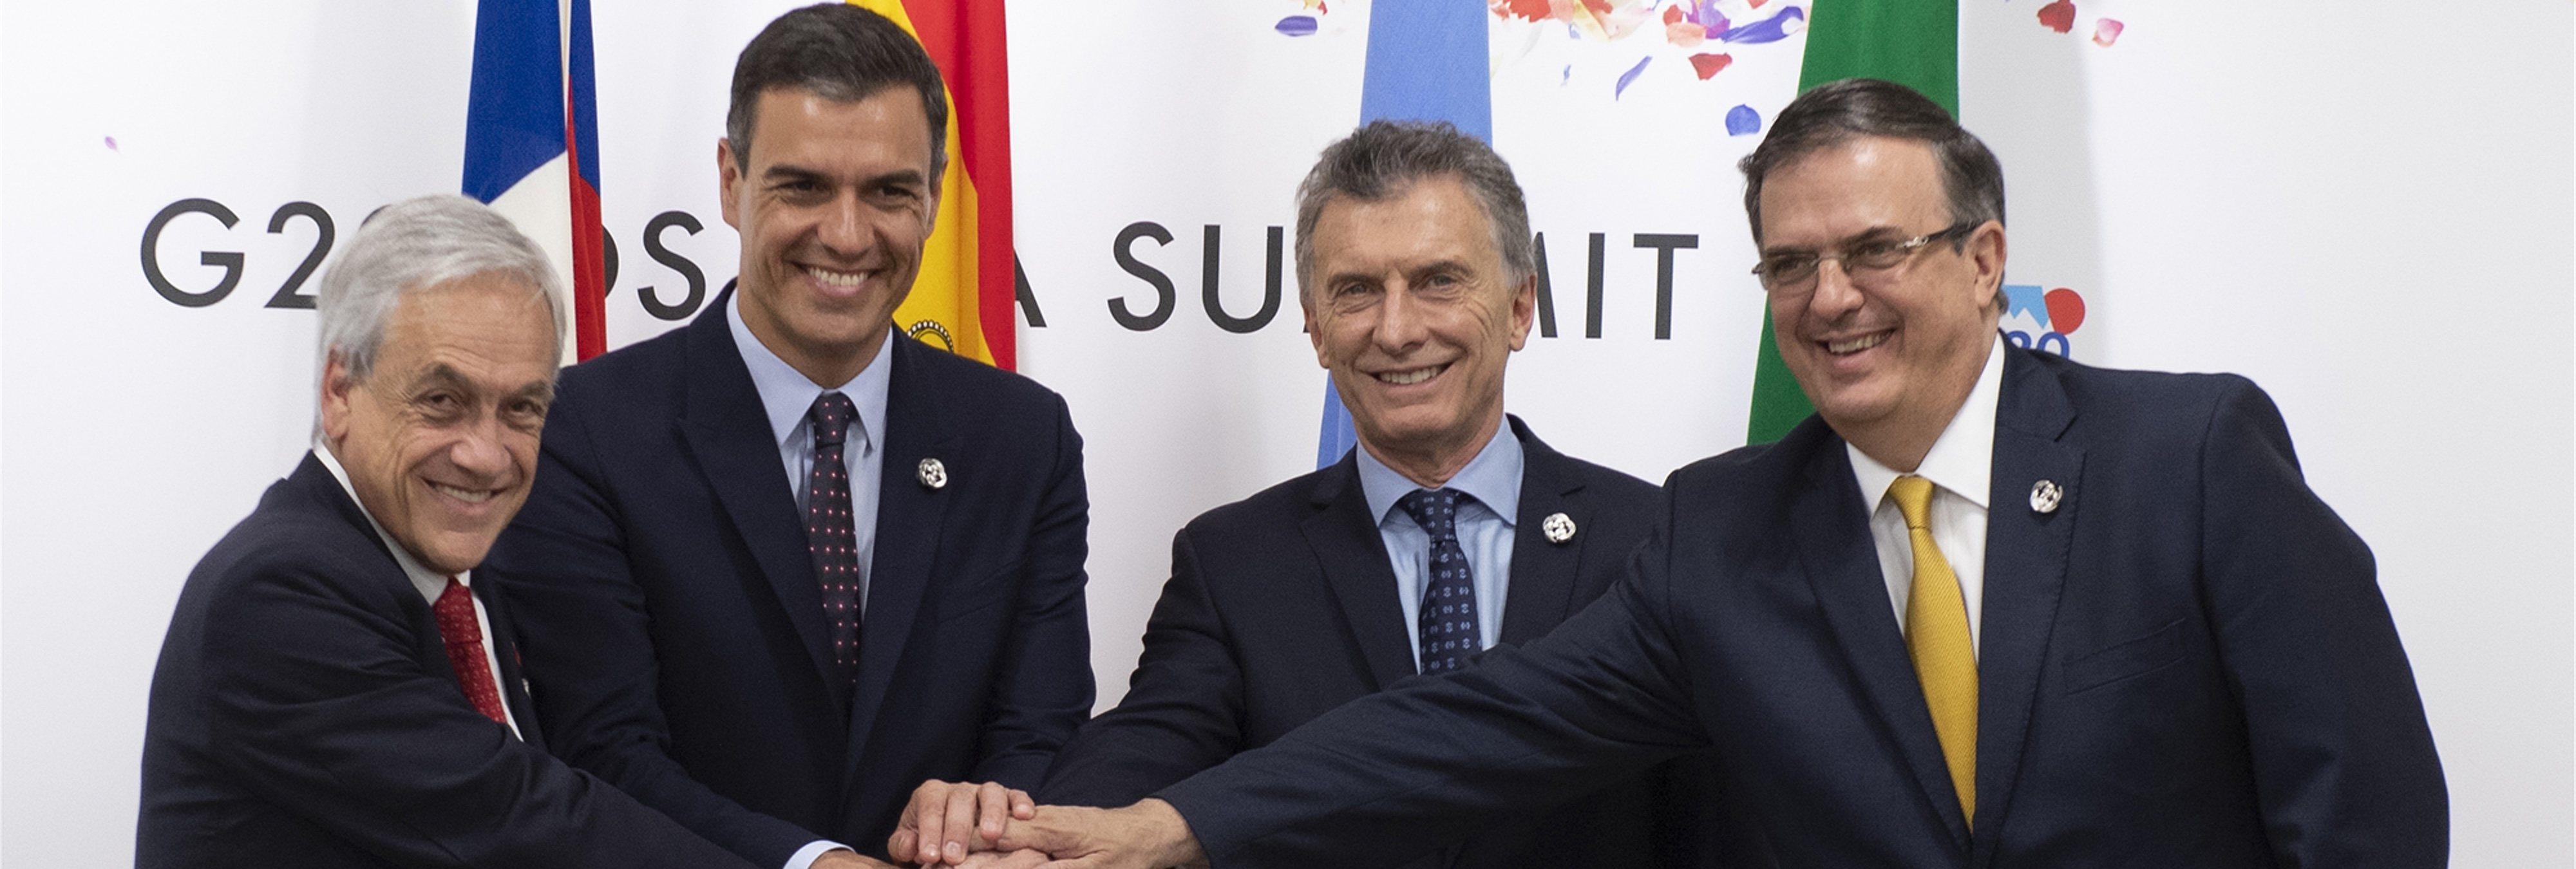 Las claves del acuerdo entre Mercosur y la UE tras 20 años: ¿En qué nos afecta?